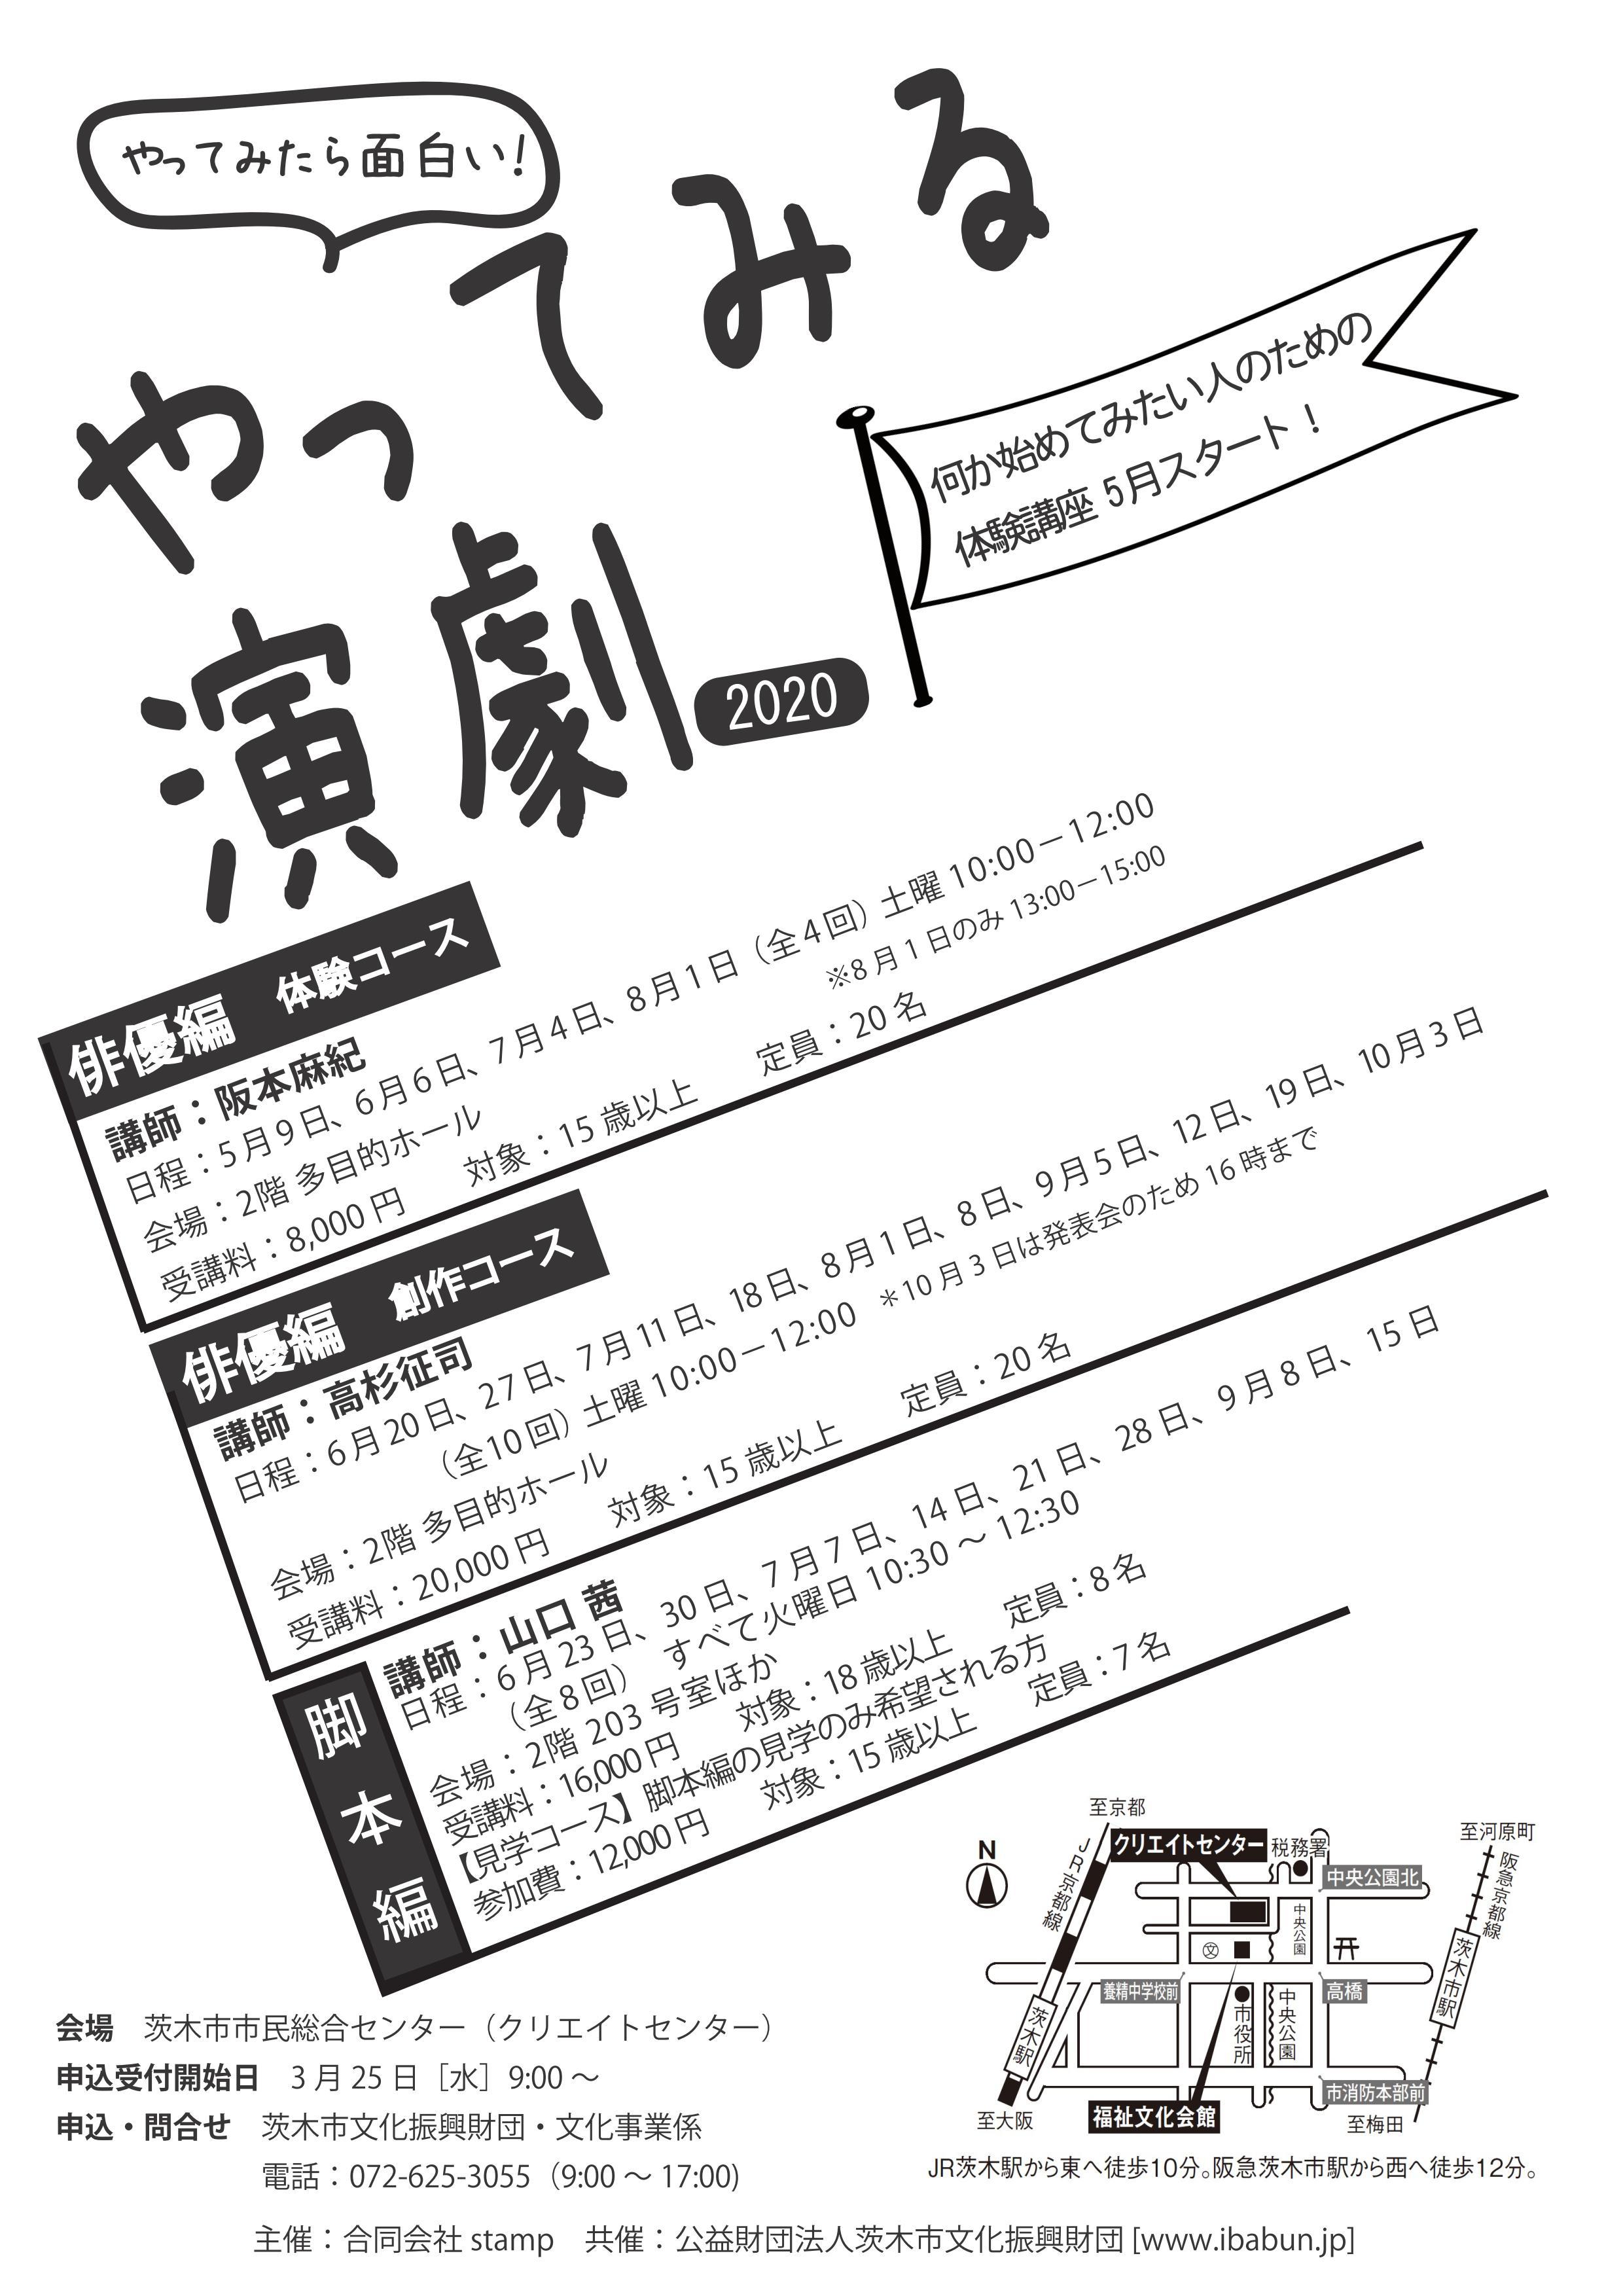 【中止】やってみる演劇2020 脚本編